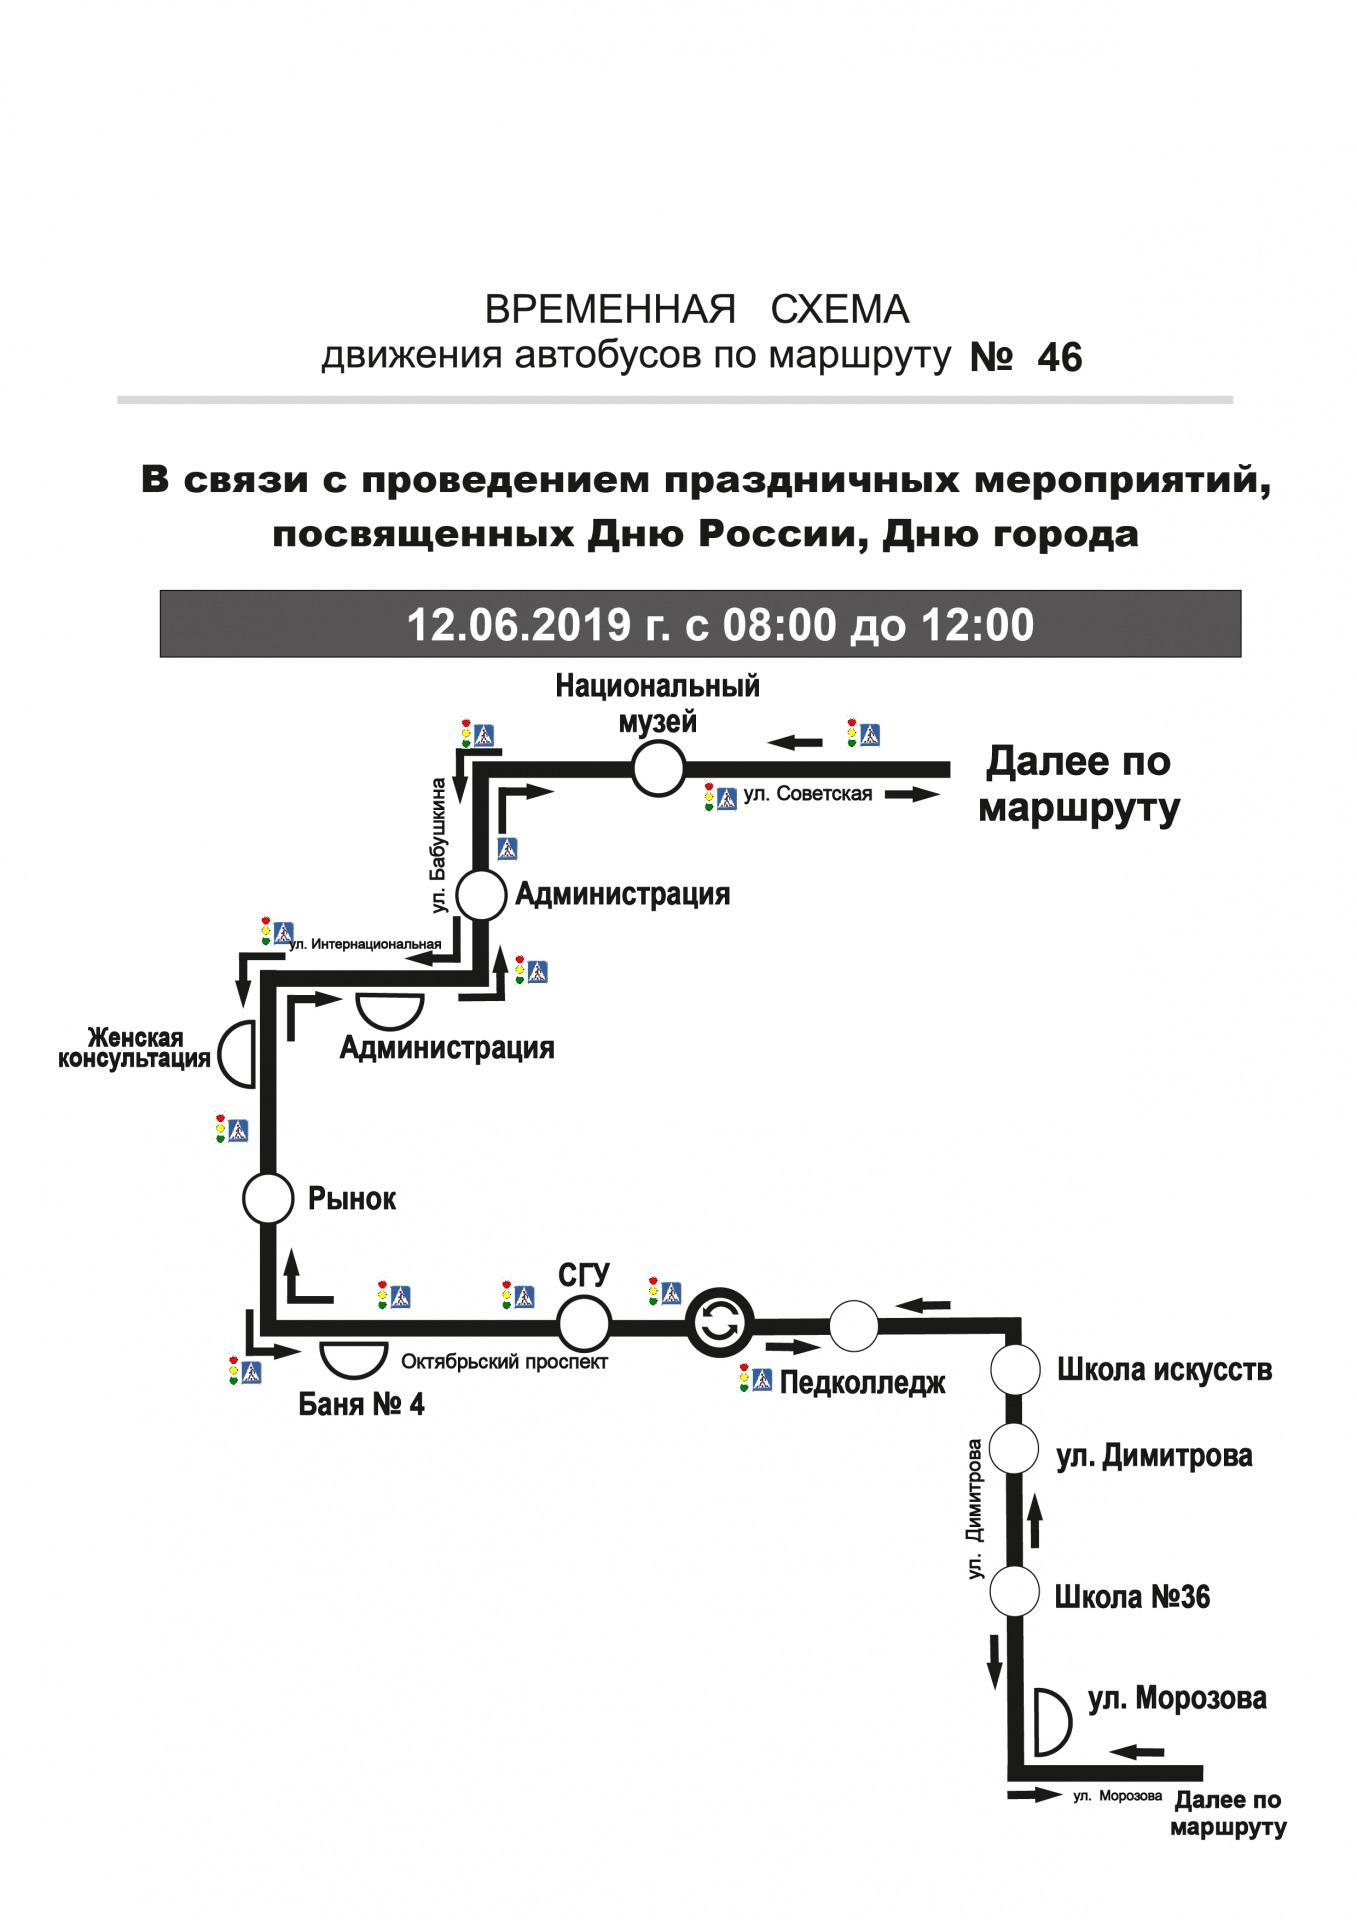 46b-01.jpg